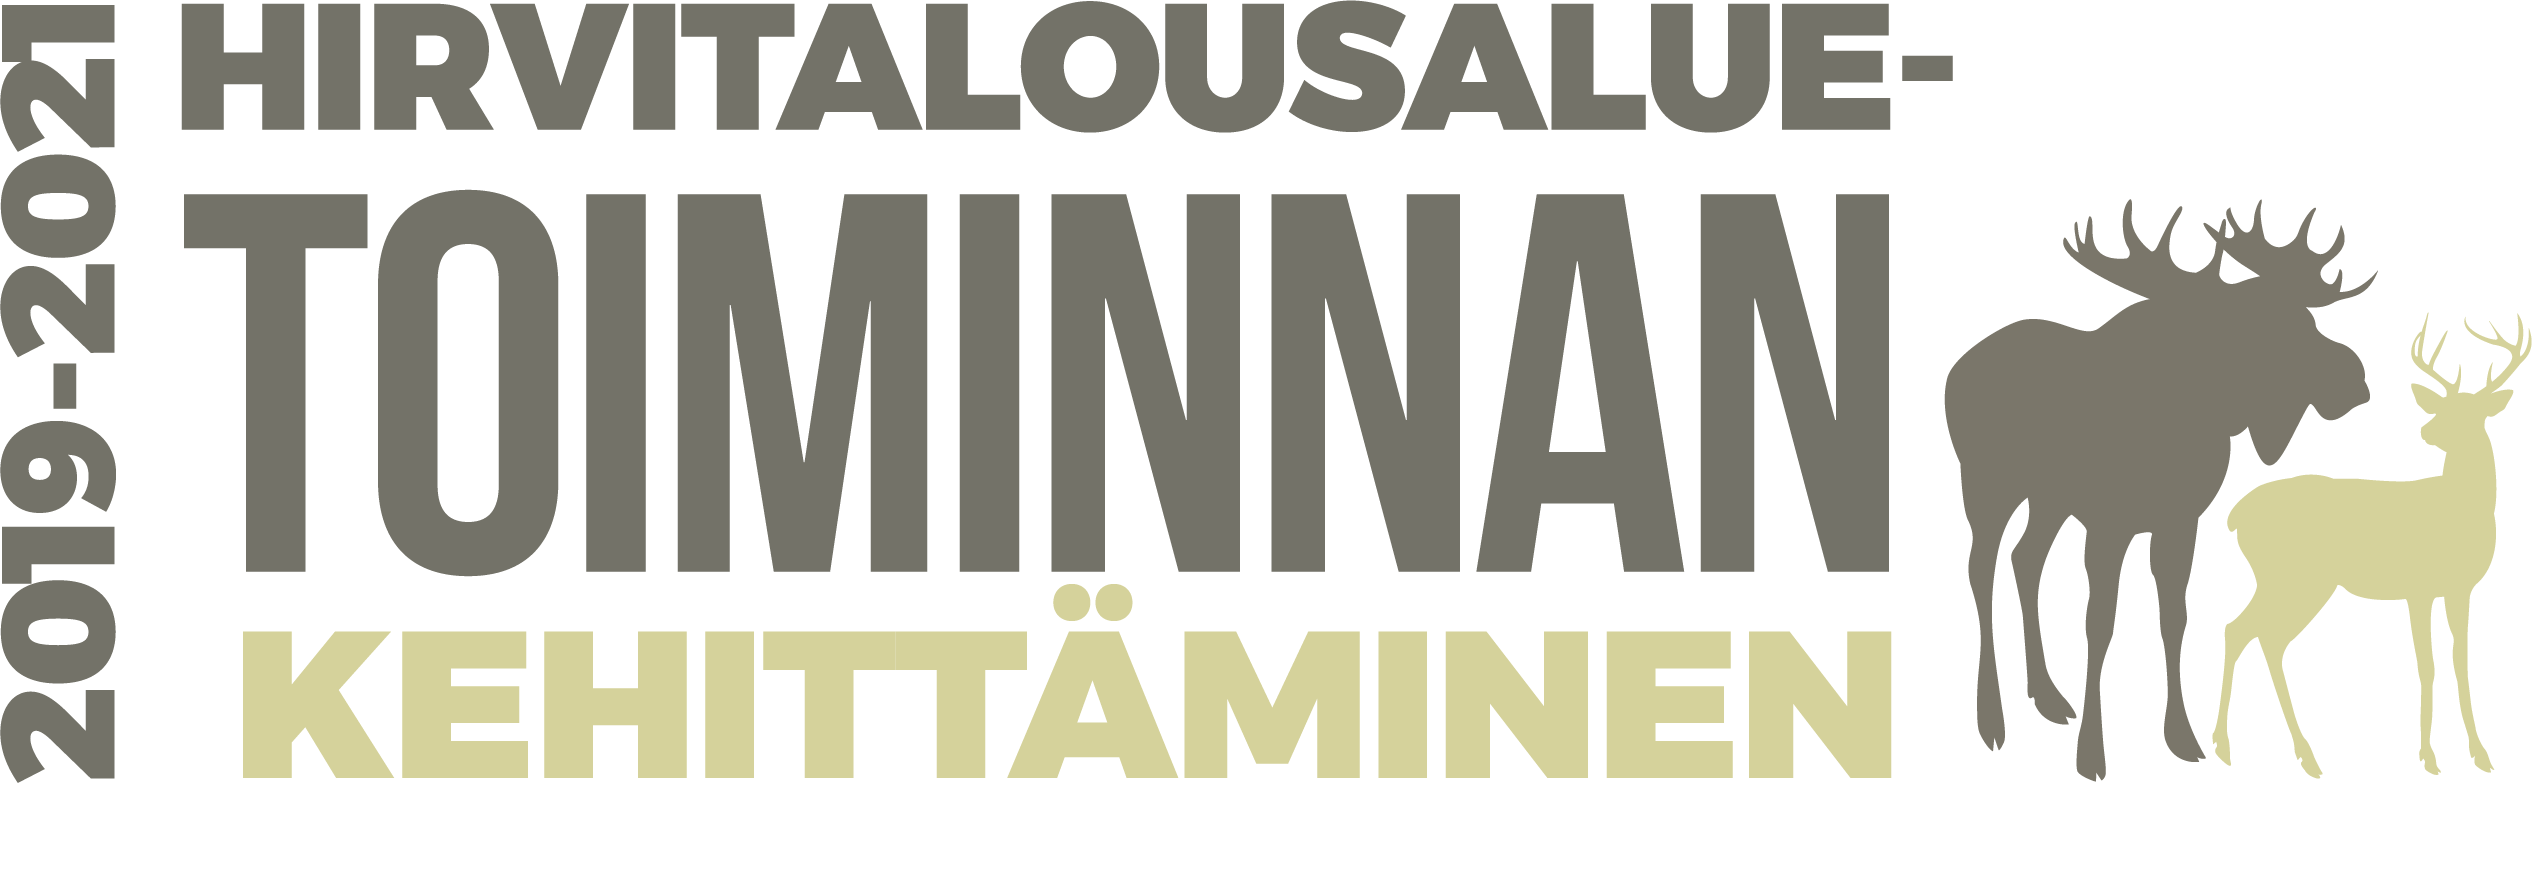 Hirvitalousaluetoiminnan kehittäminen -hankkeen logo